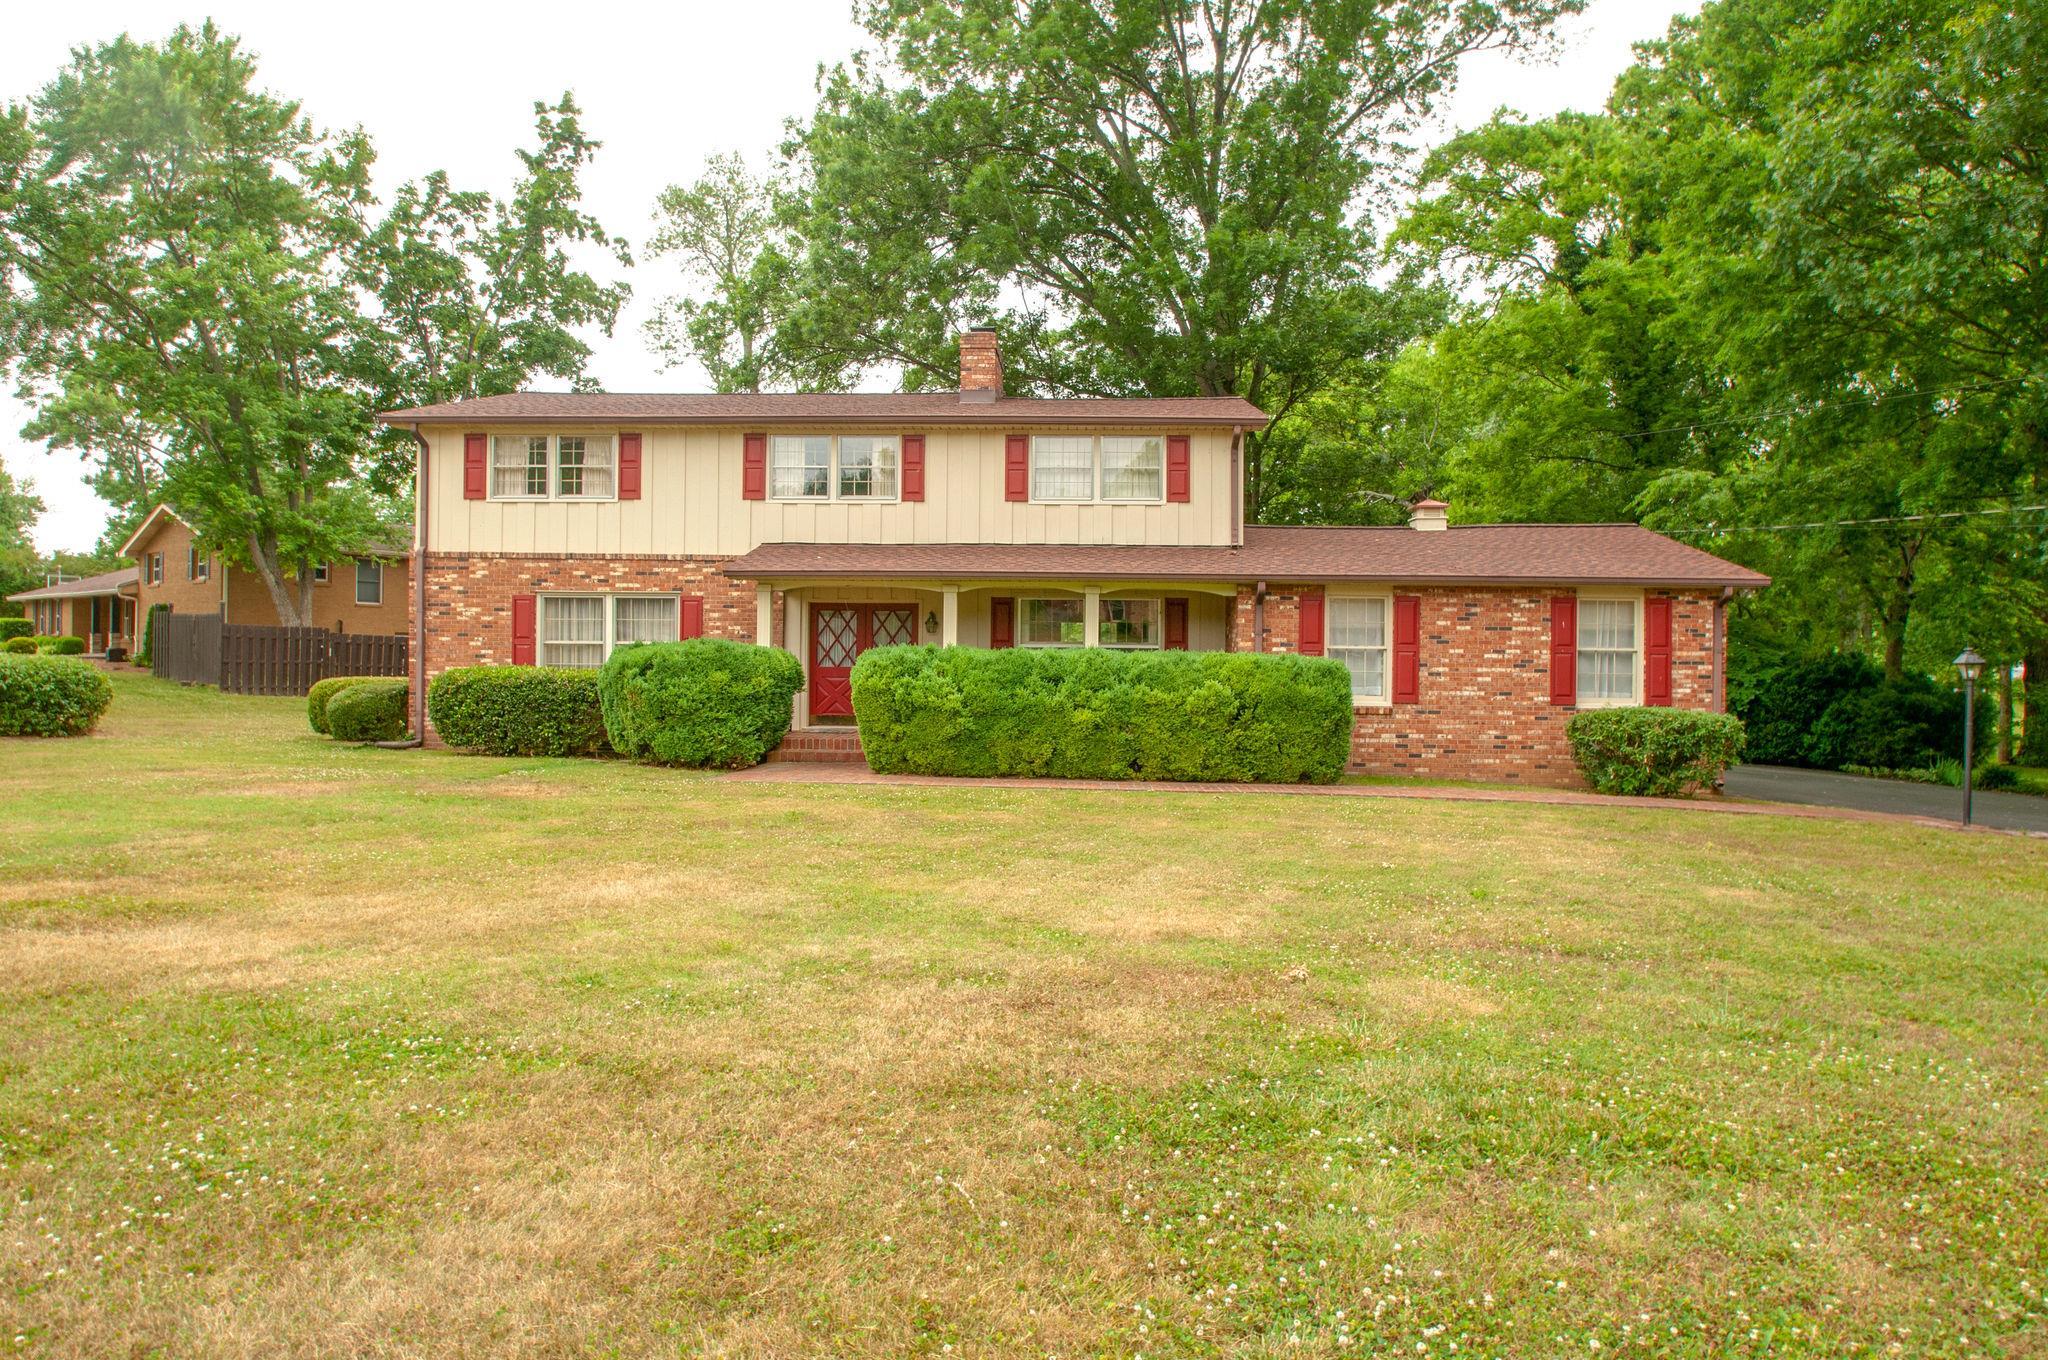 190 Cherokee Rd, Hendersonville, TN 37075 - Hendersonville, TN real estate listing